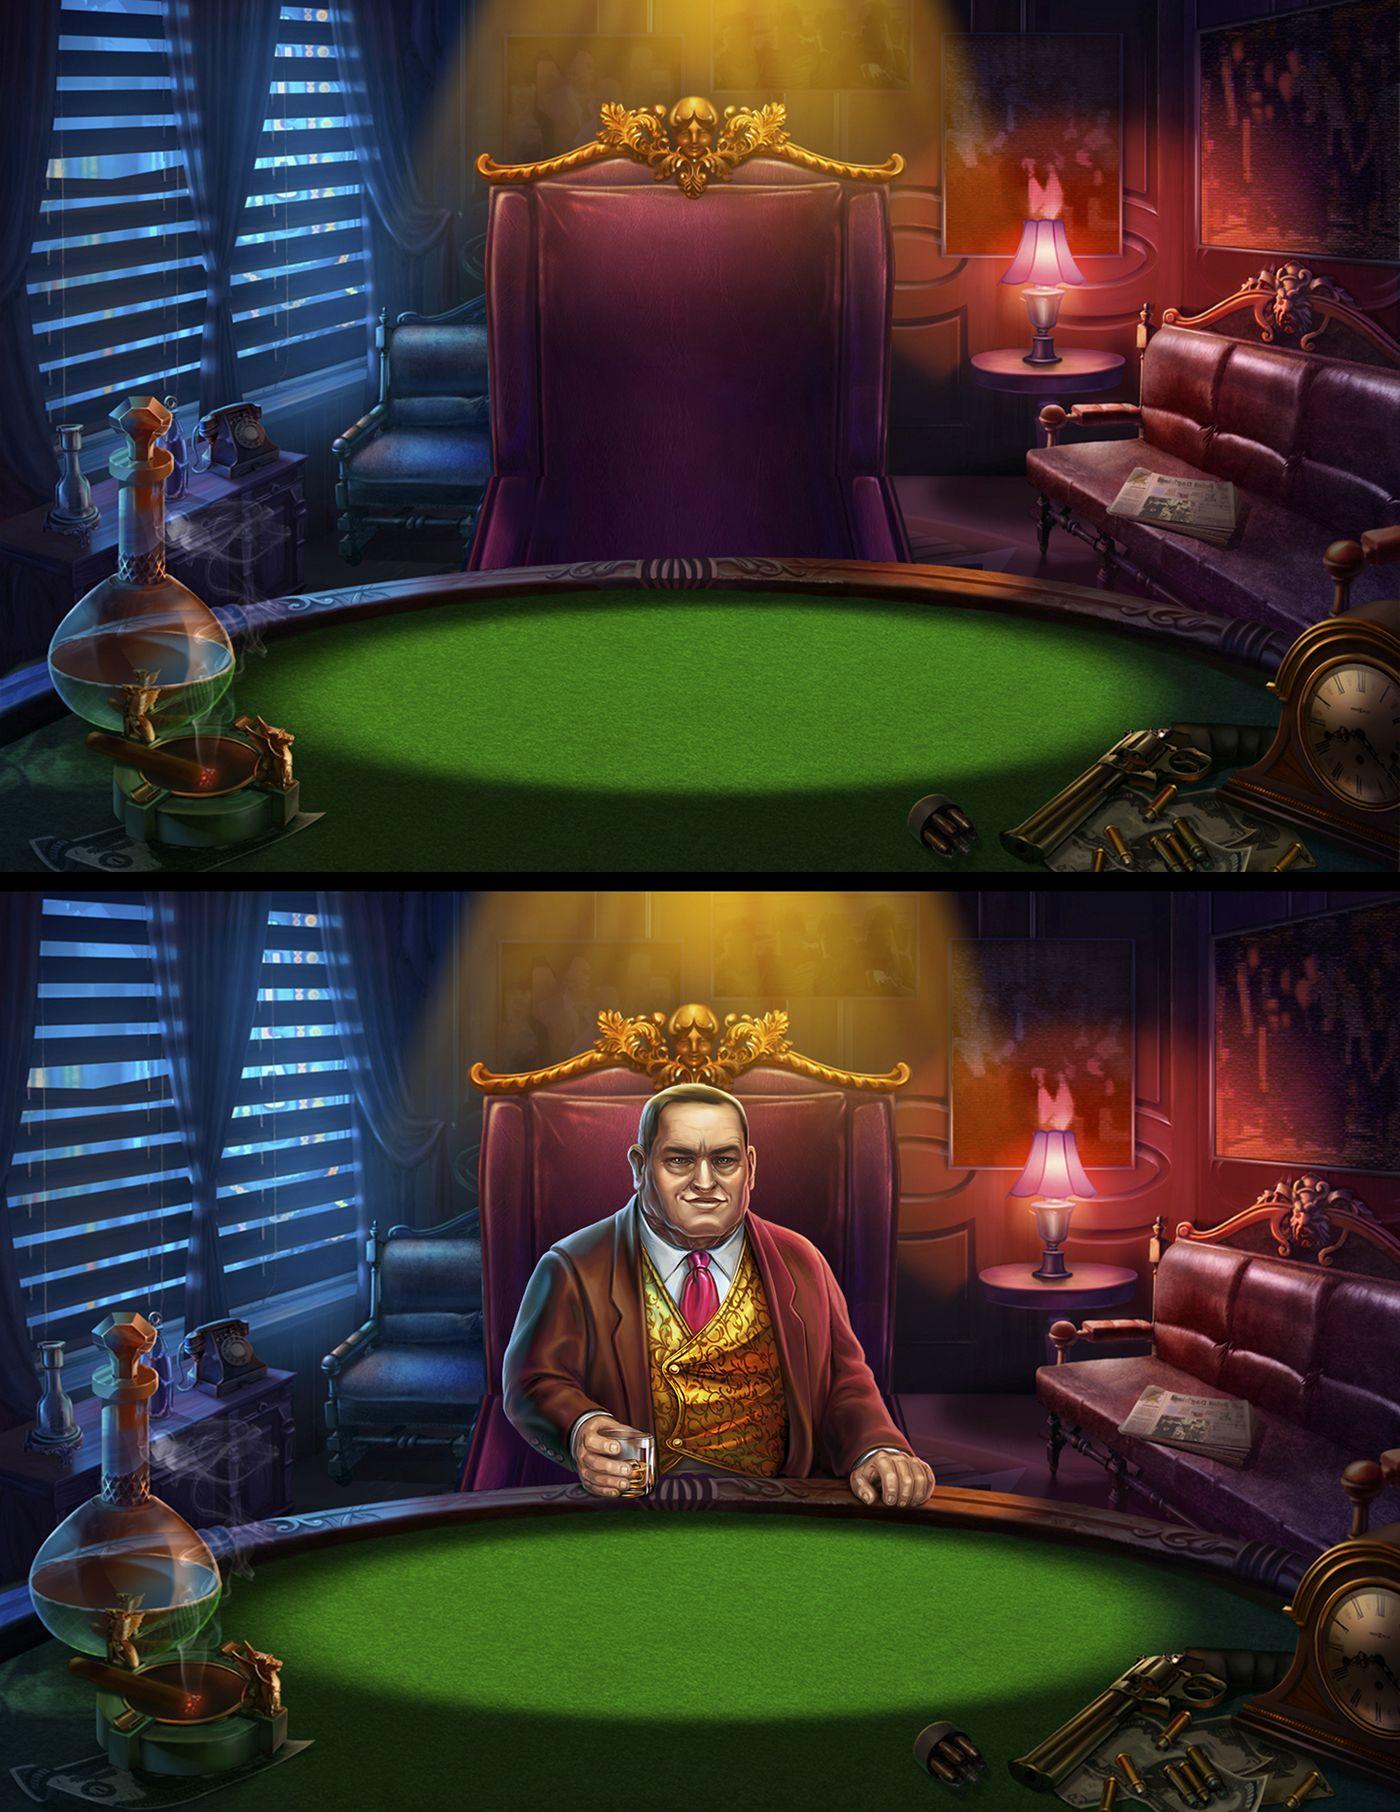 Slot machine mafia